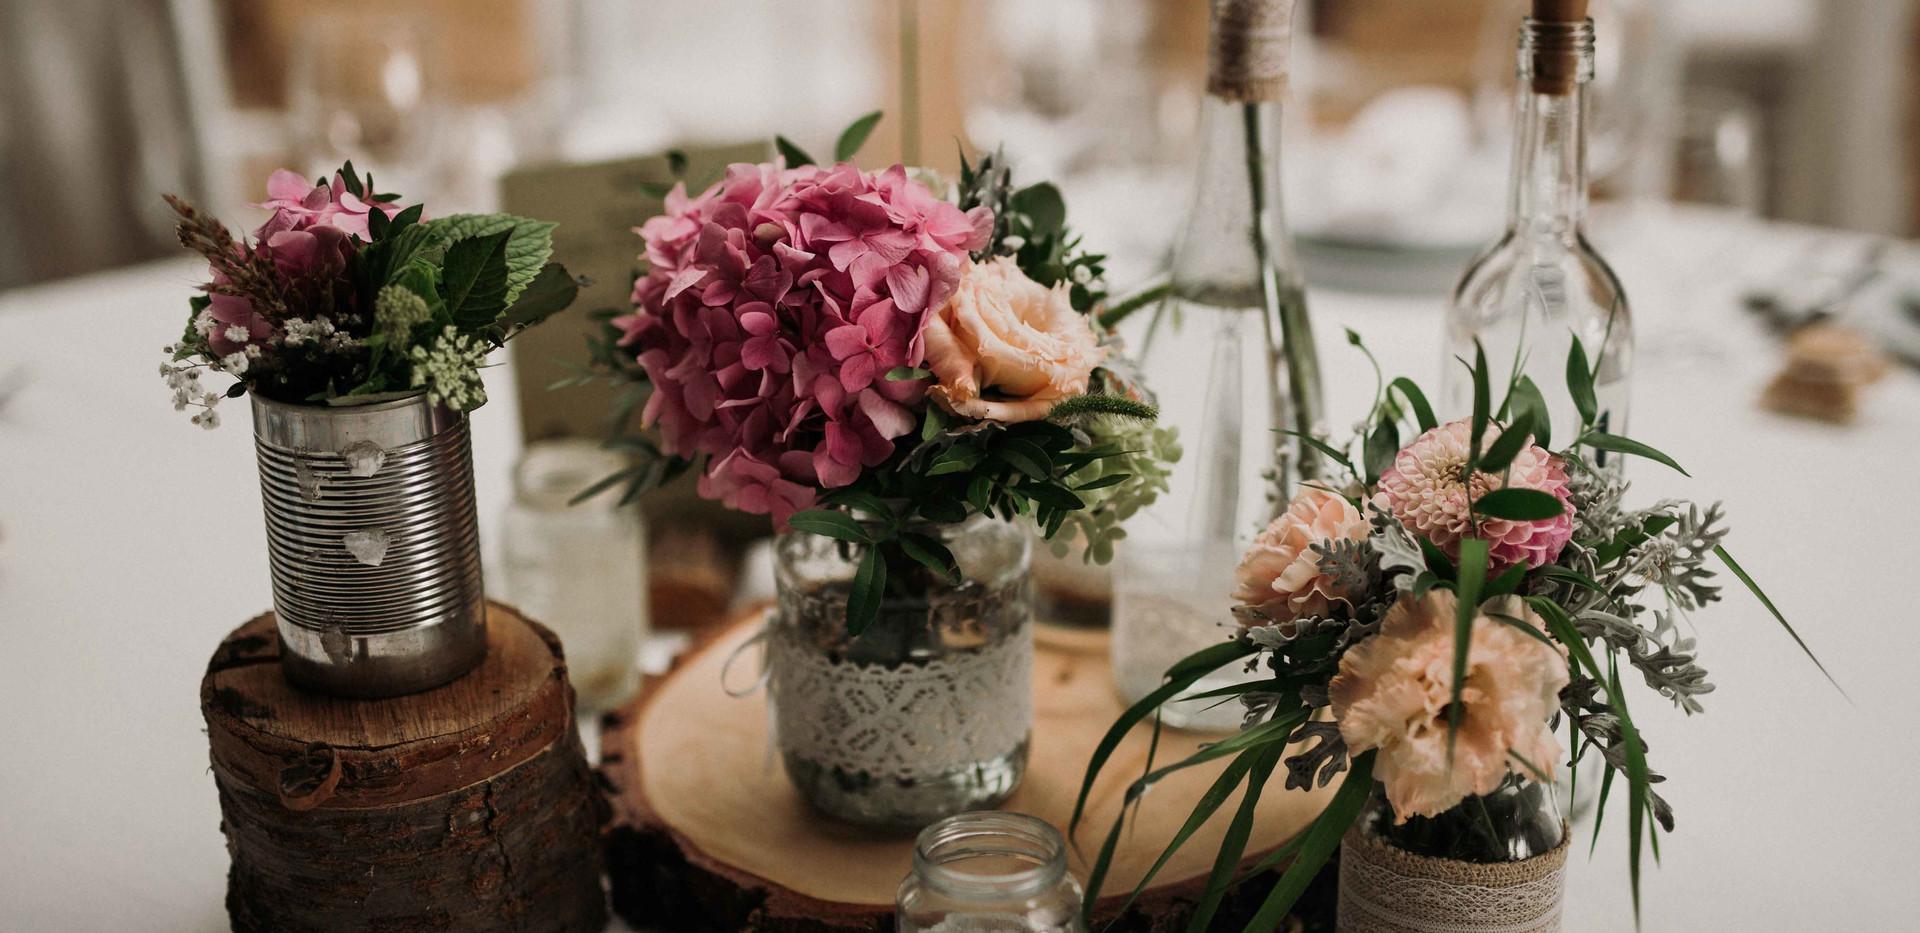 Asztali dekoráció, fakorongok, hasábok, csipkés üvegek élővirágokkal, rusztikus összeállításban